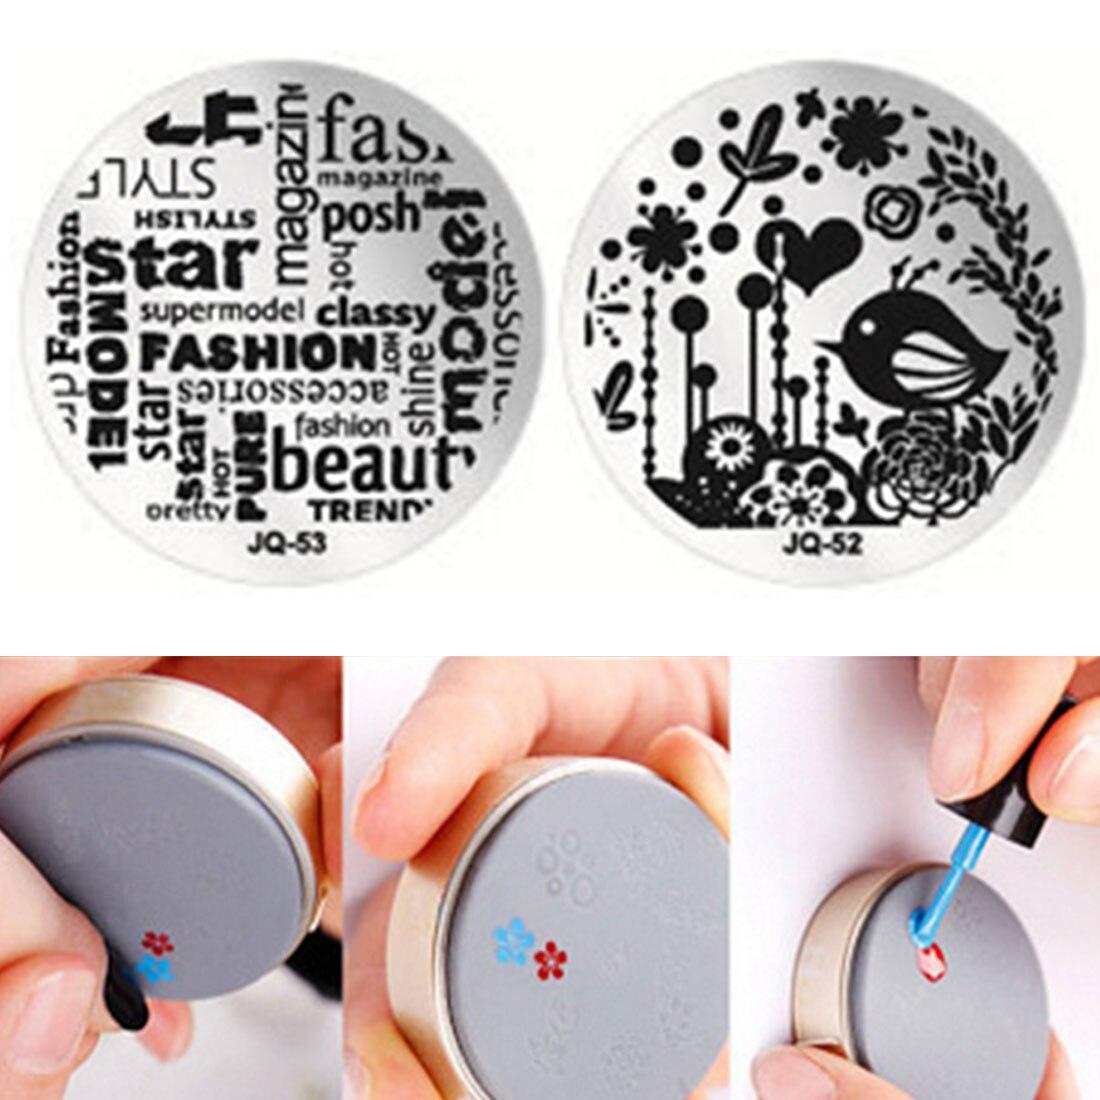 Ensemble de bricolage pour manucure, outil Nail Art plaques à emboutisser modèles plaque de timbres fleur ronde papillon oiseau motif indien